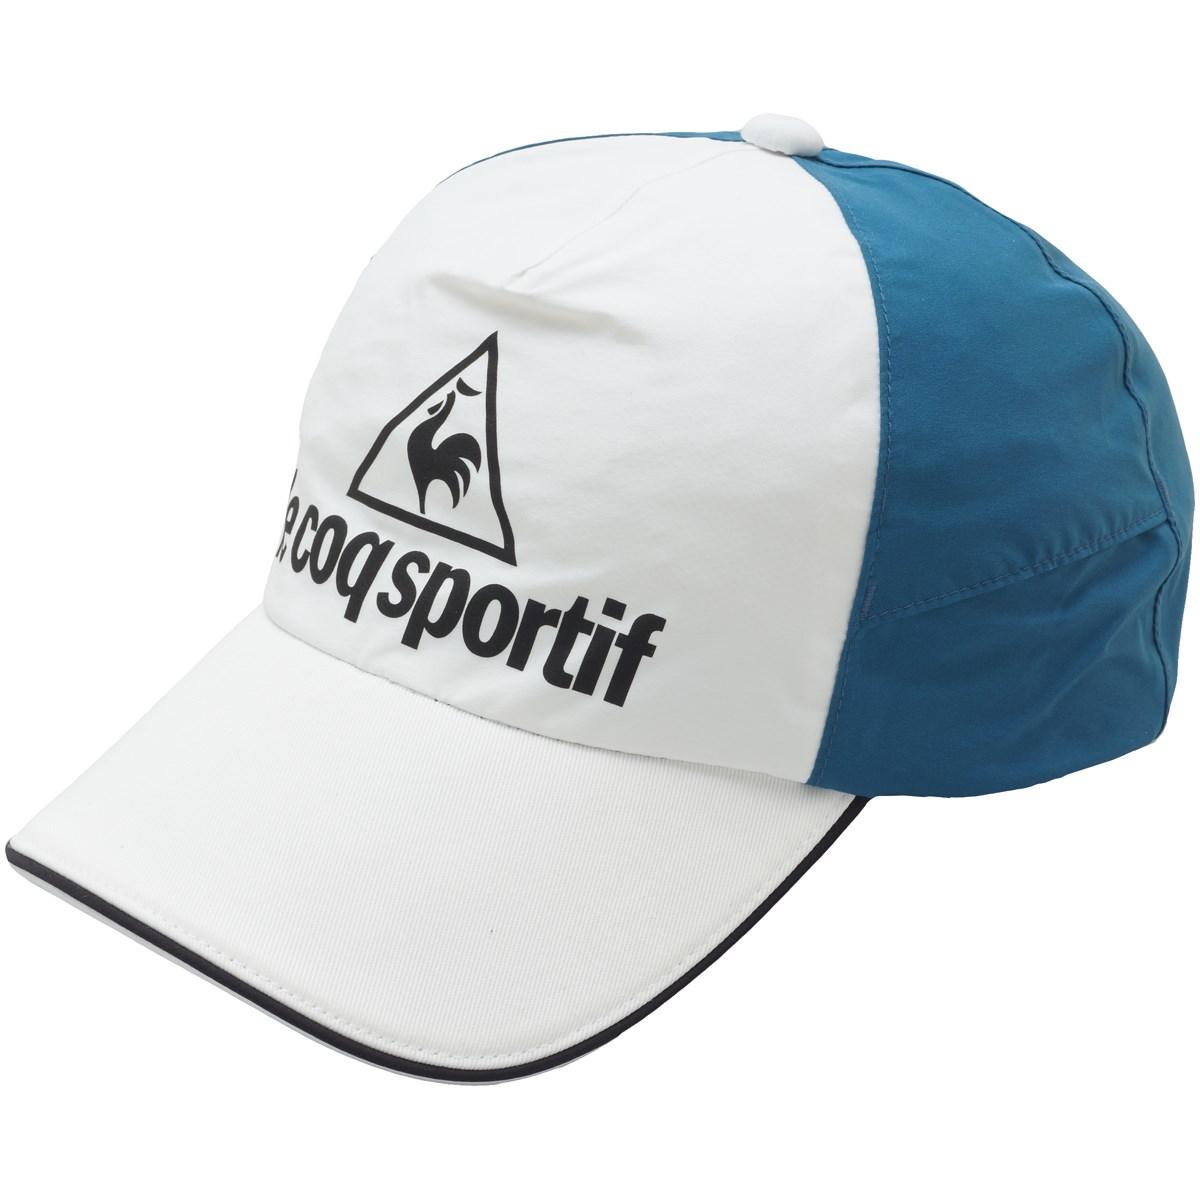 [2019年モデル] ルコックゴルフ Le coq sportif GOLF レインキャップ ホワイト/ブルー メンズ ゴルフウェア